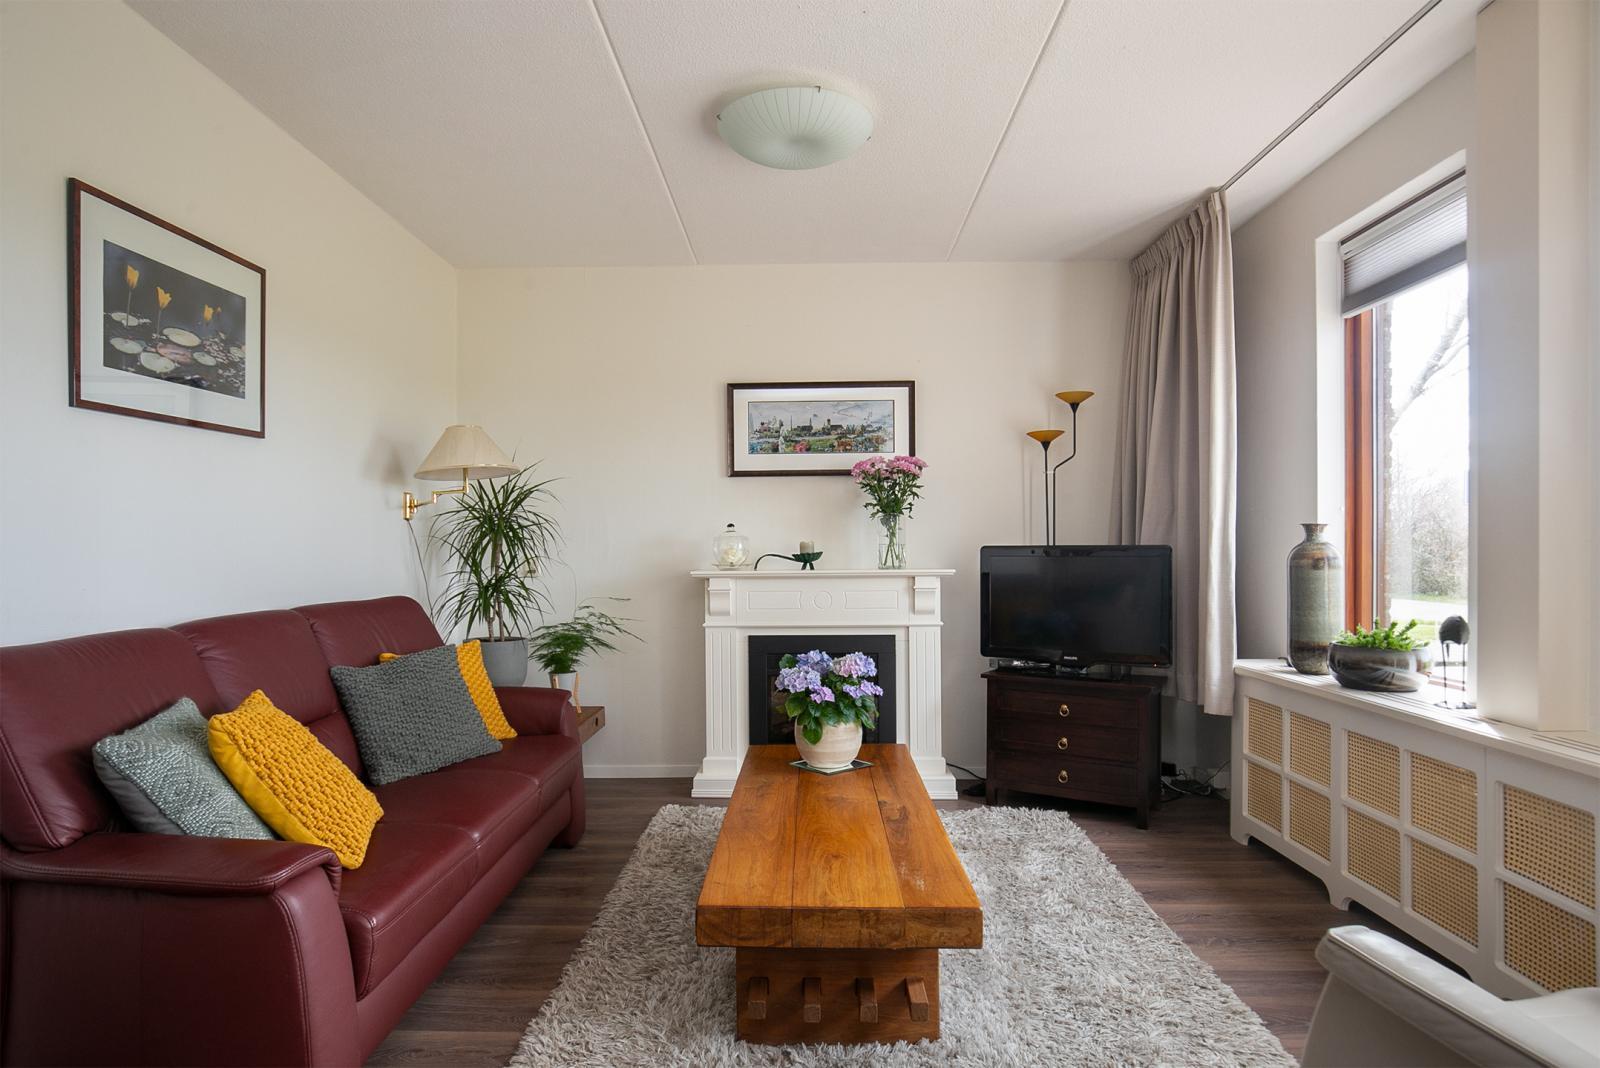 zeino-van-burmaniastrjitte-15-oppenhuizen-1061